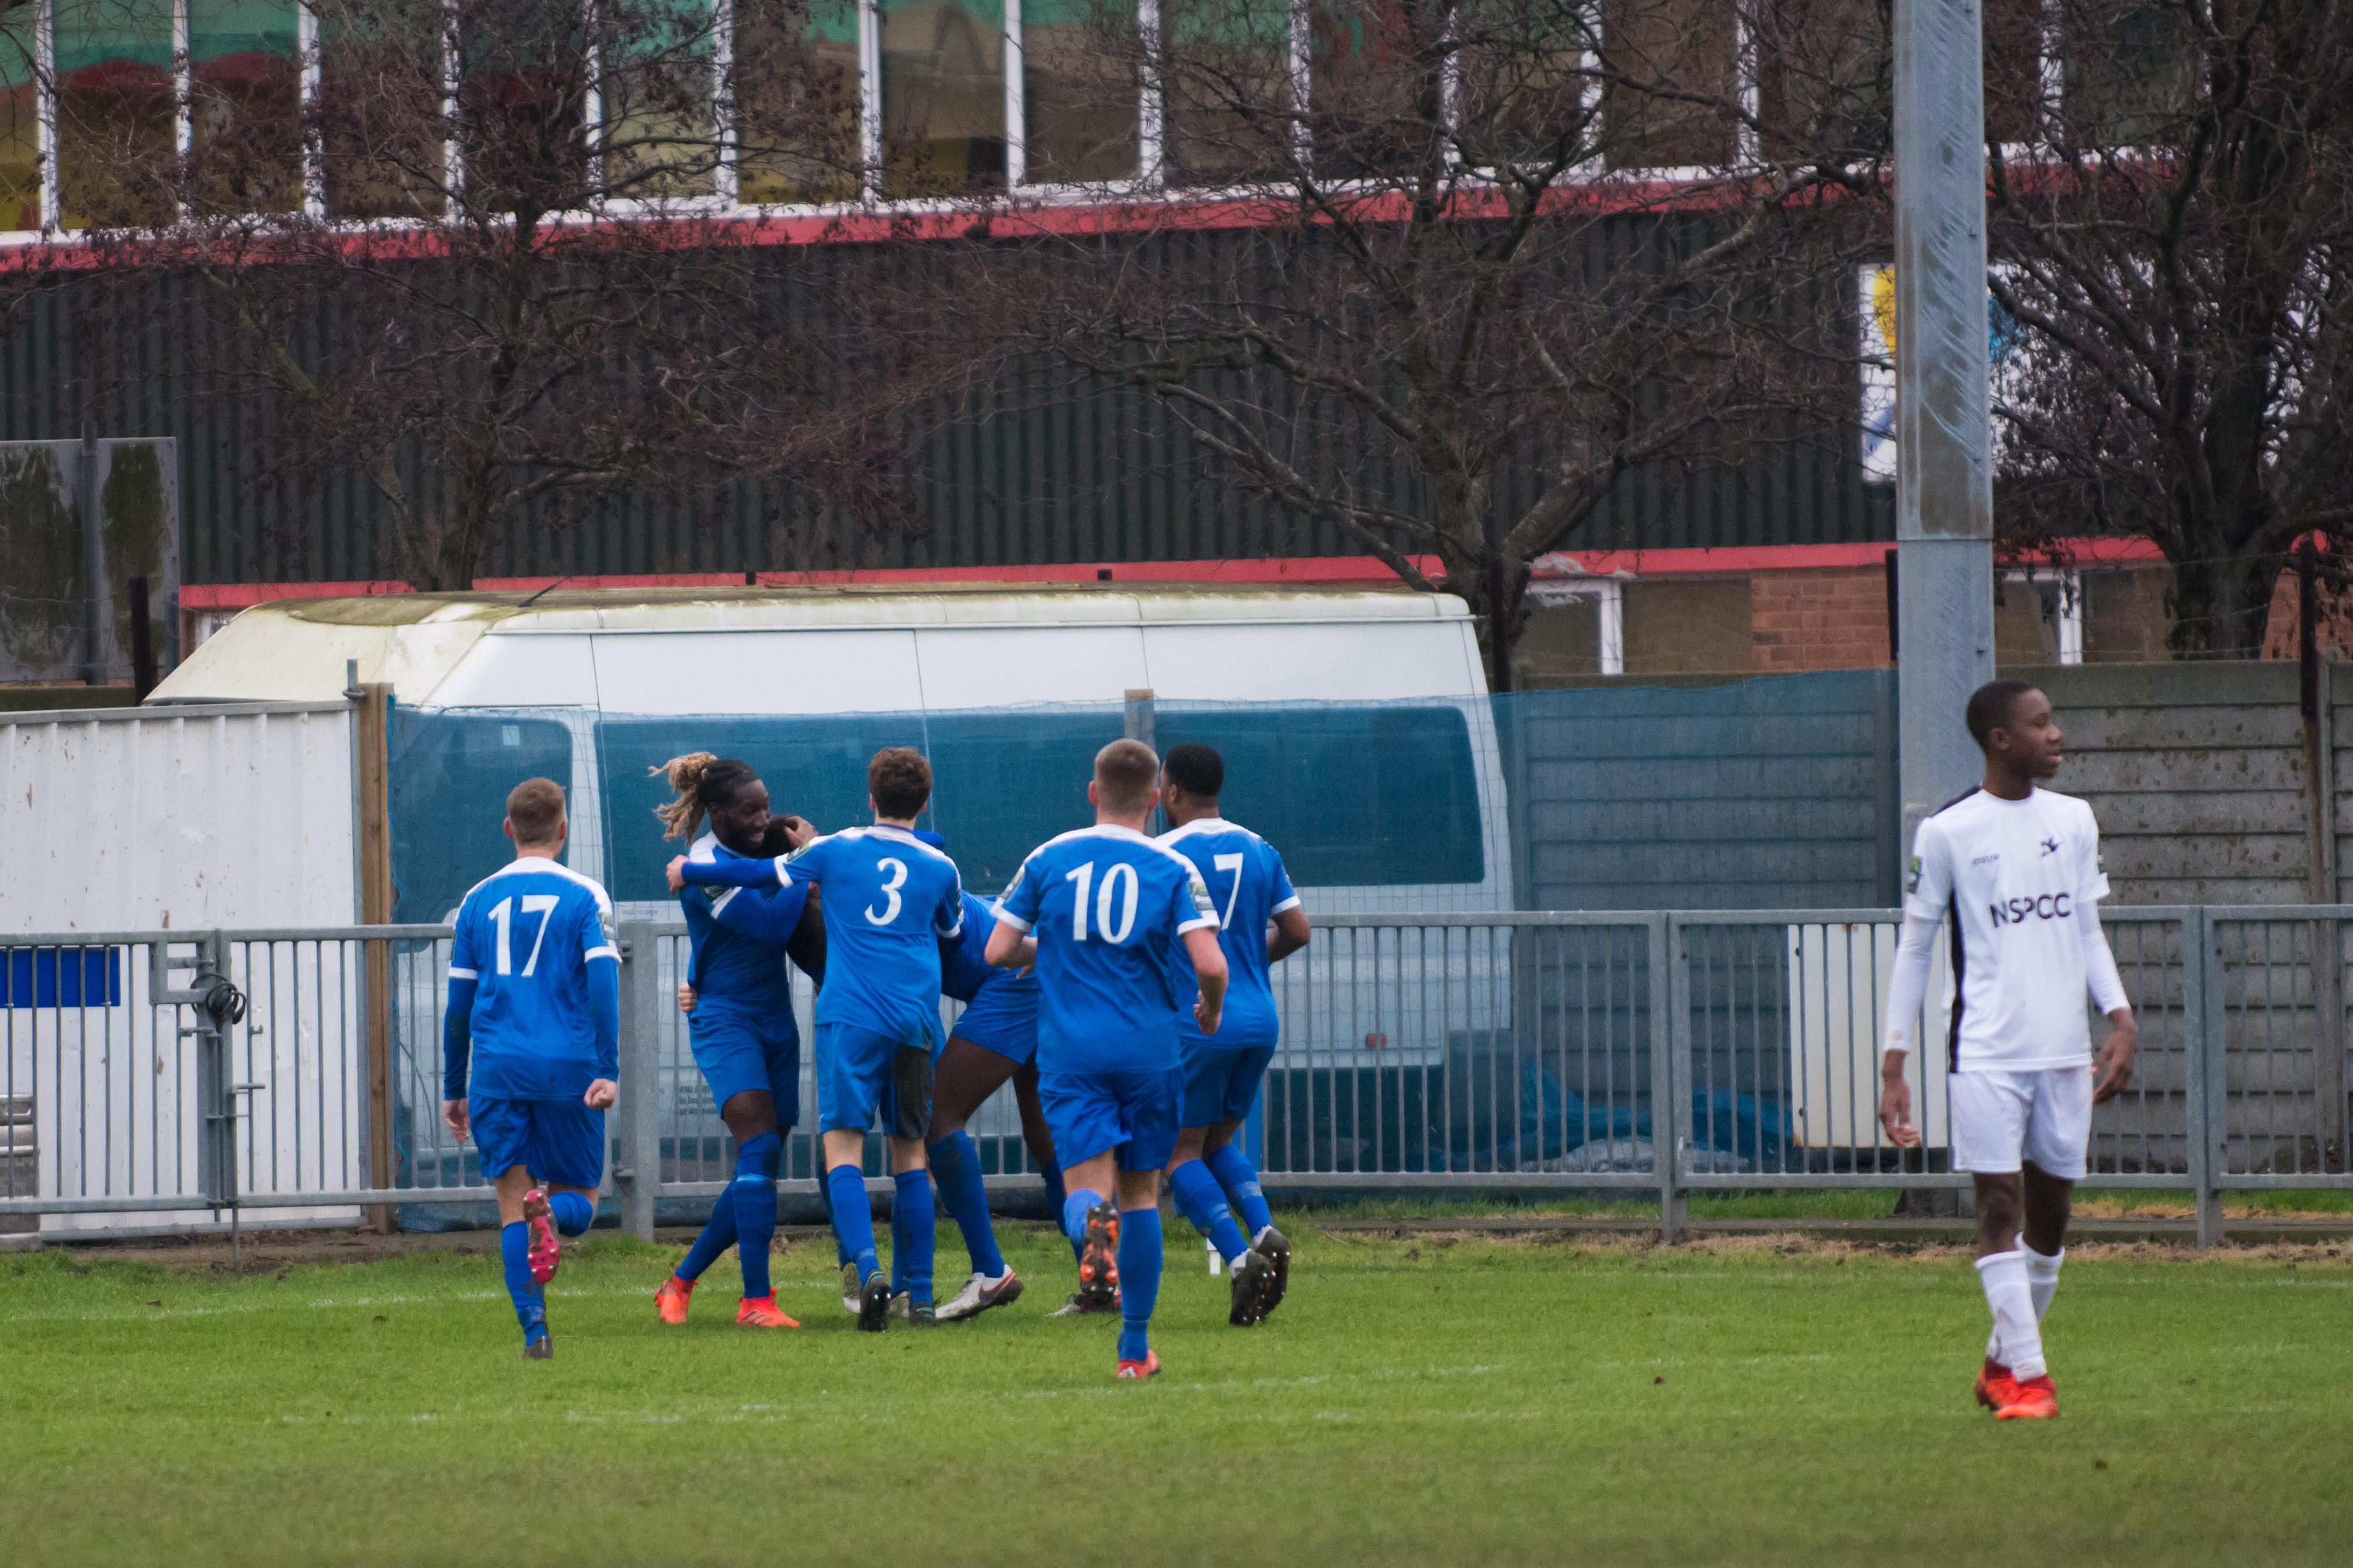 Shoreham FC vs Carshalton Ath 23.12.17 69